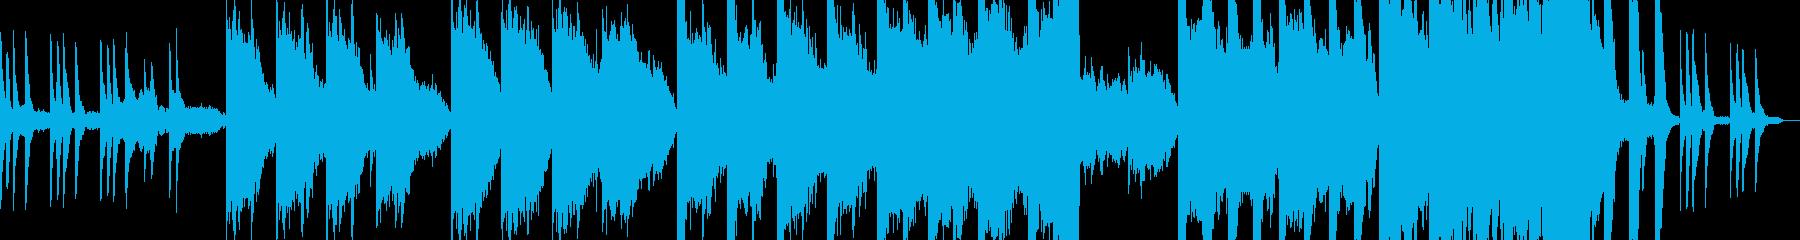 哀しい出来事の再生済みの波形